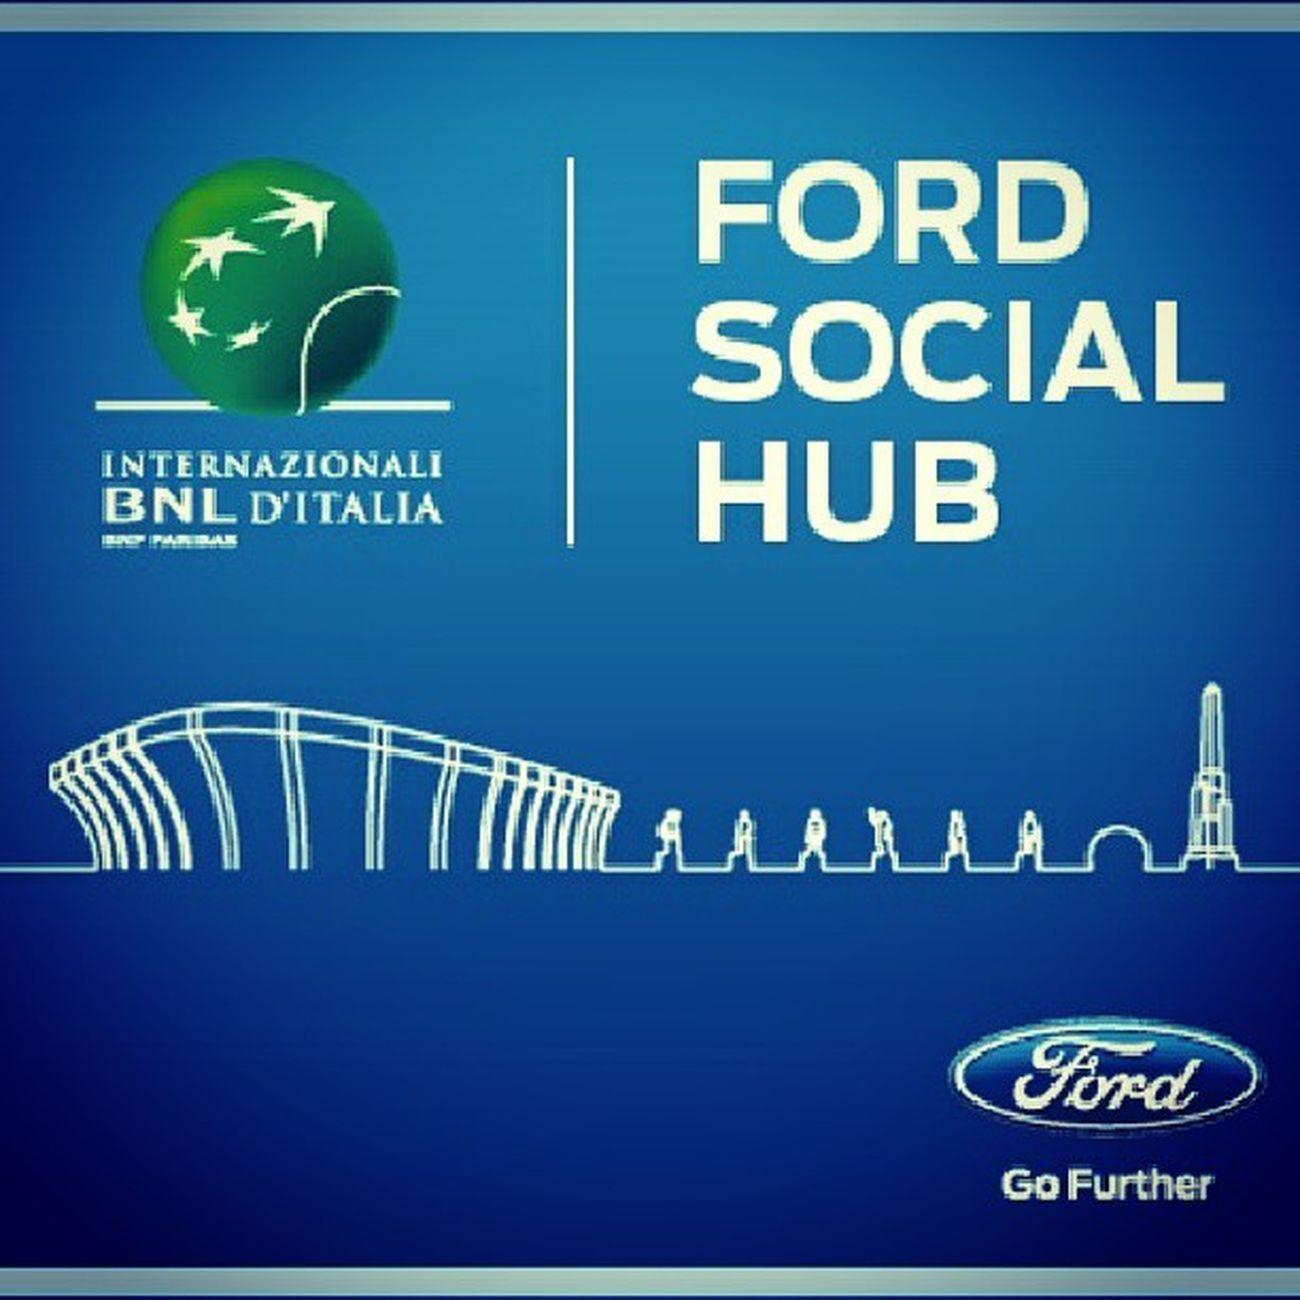 FordSocialHub ti permette seguire la diretta social degli Internazionali di Tennis BNL  2013 e di esserne il protagonista grazie agli HASHTAG Ibi13 e Kugadrive